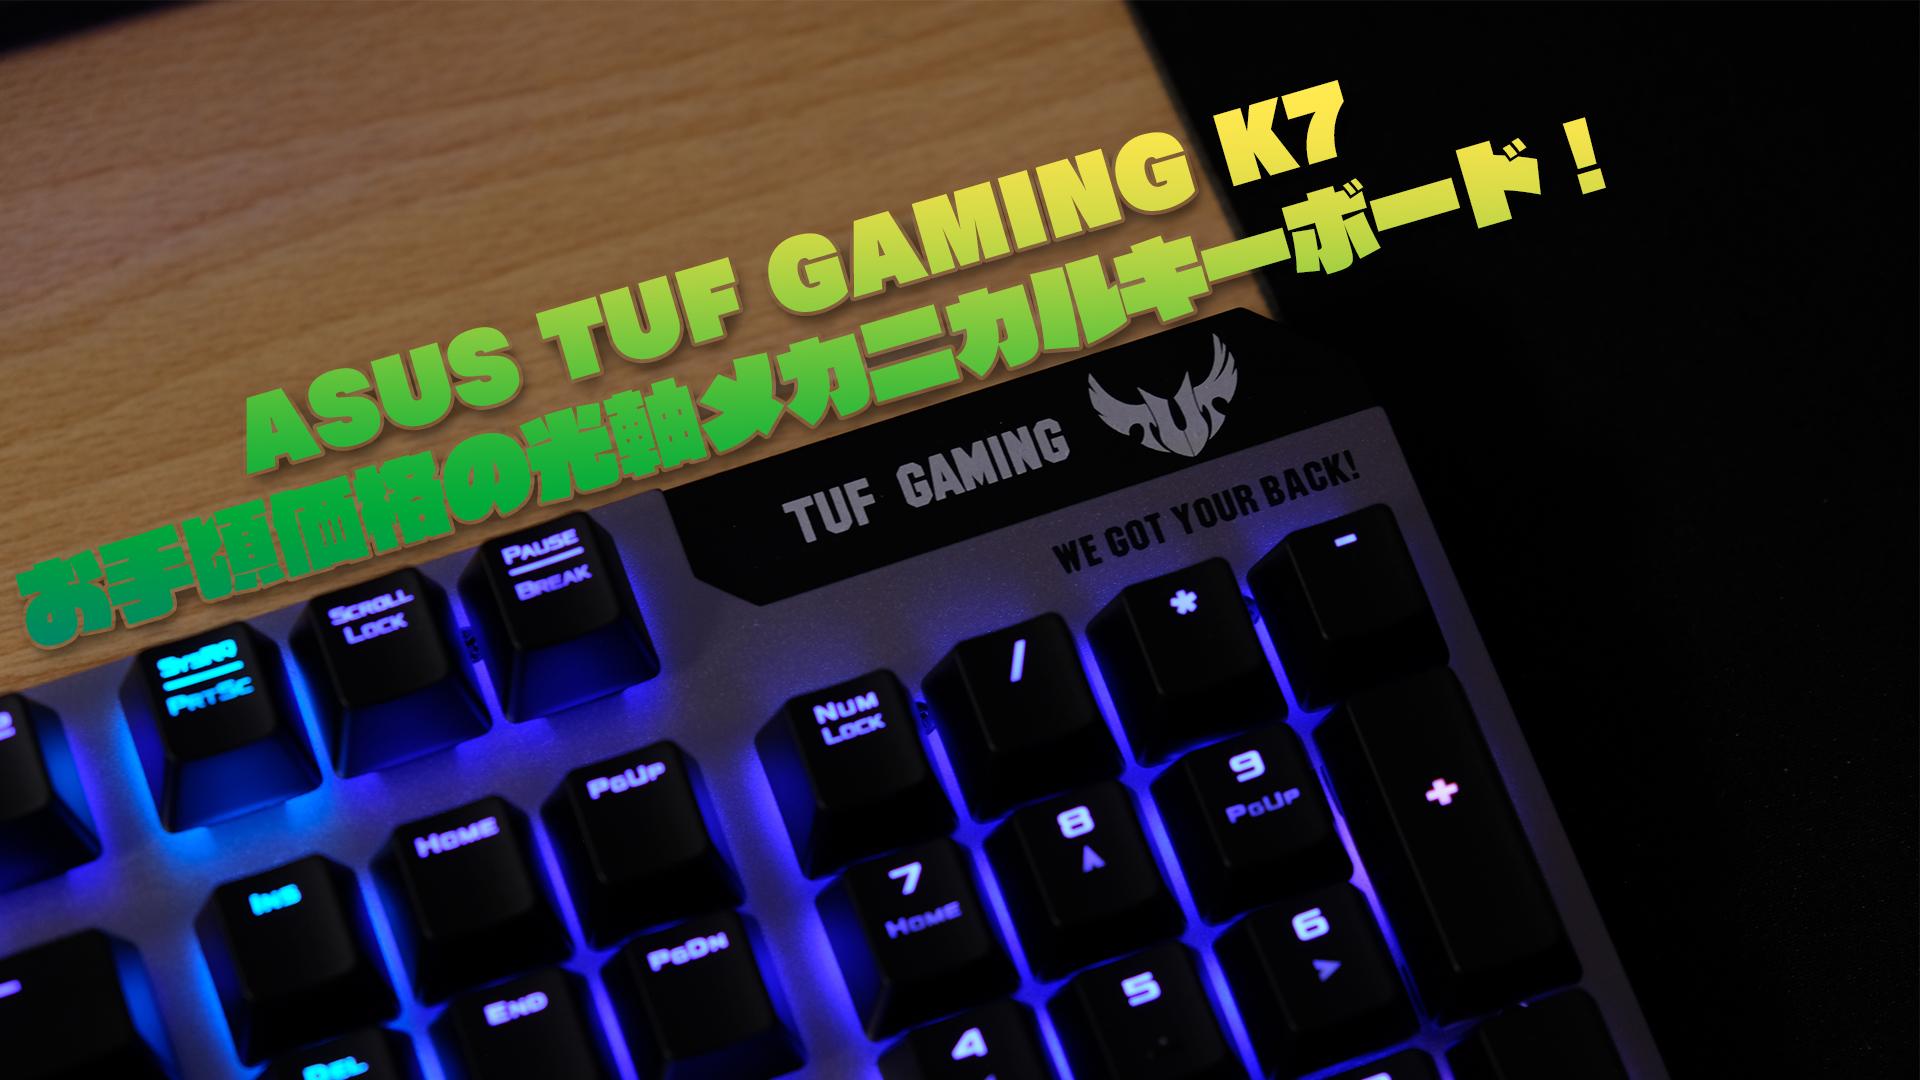 【レビュー】ASUS TUF GAMING K7 手に入れやすい光学式メカニカルスイッチキーボード!!